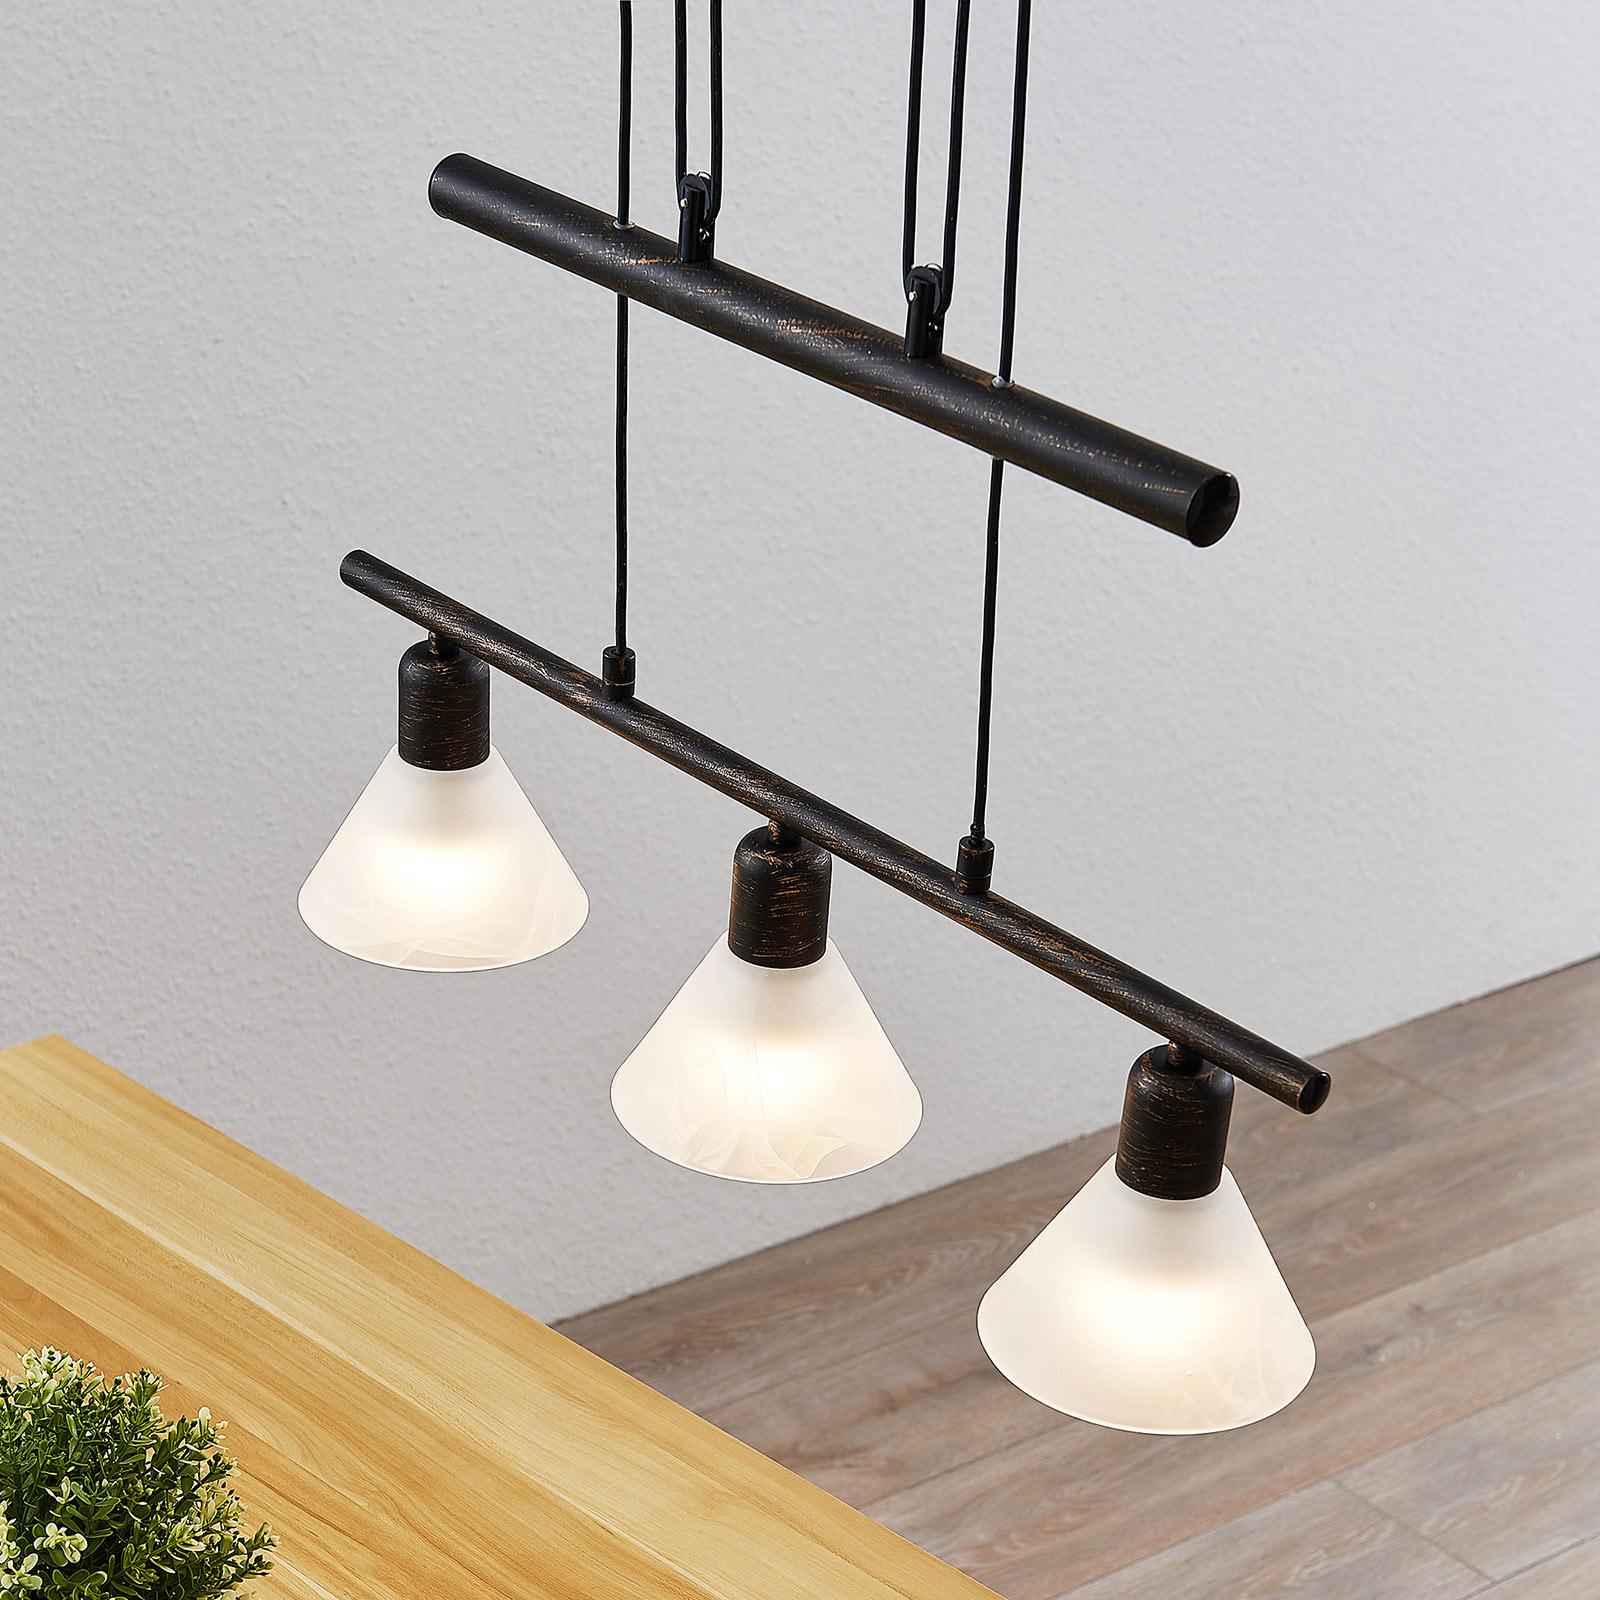 Lámpara colgante Delira 3 luces, negro, regulable